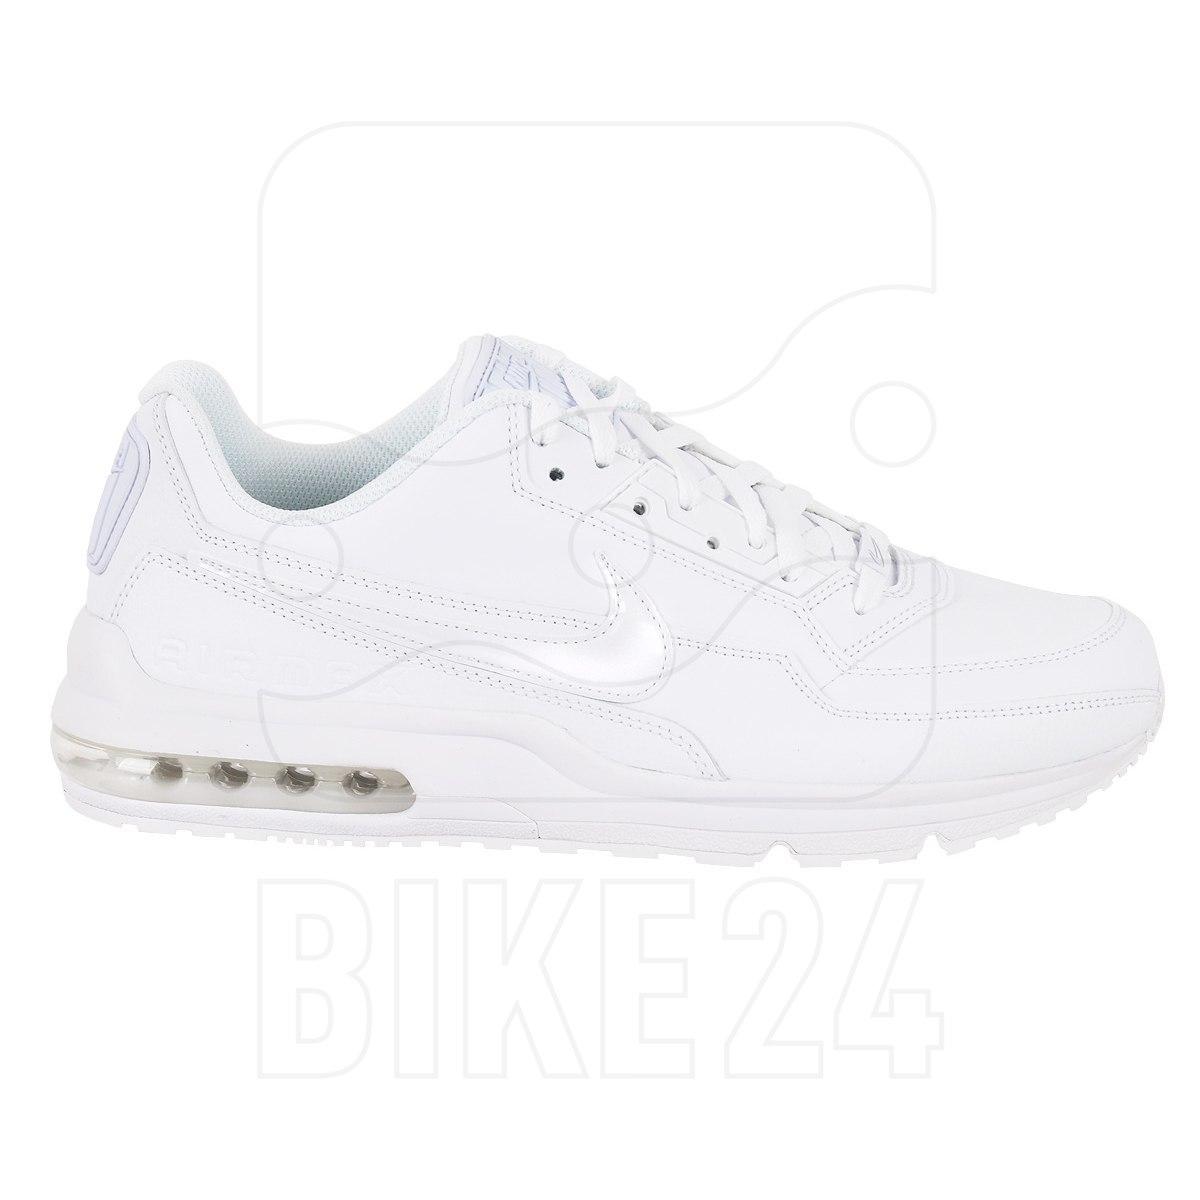 Nike Air Max LTD 3 Herren Laufschuh - white/white-white 687977-111